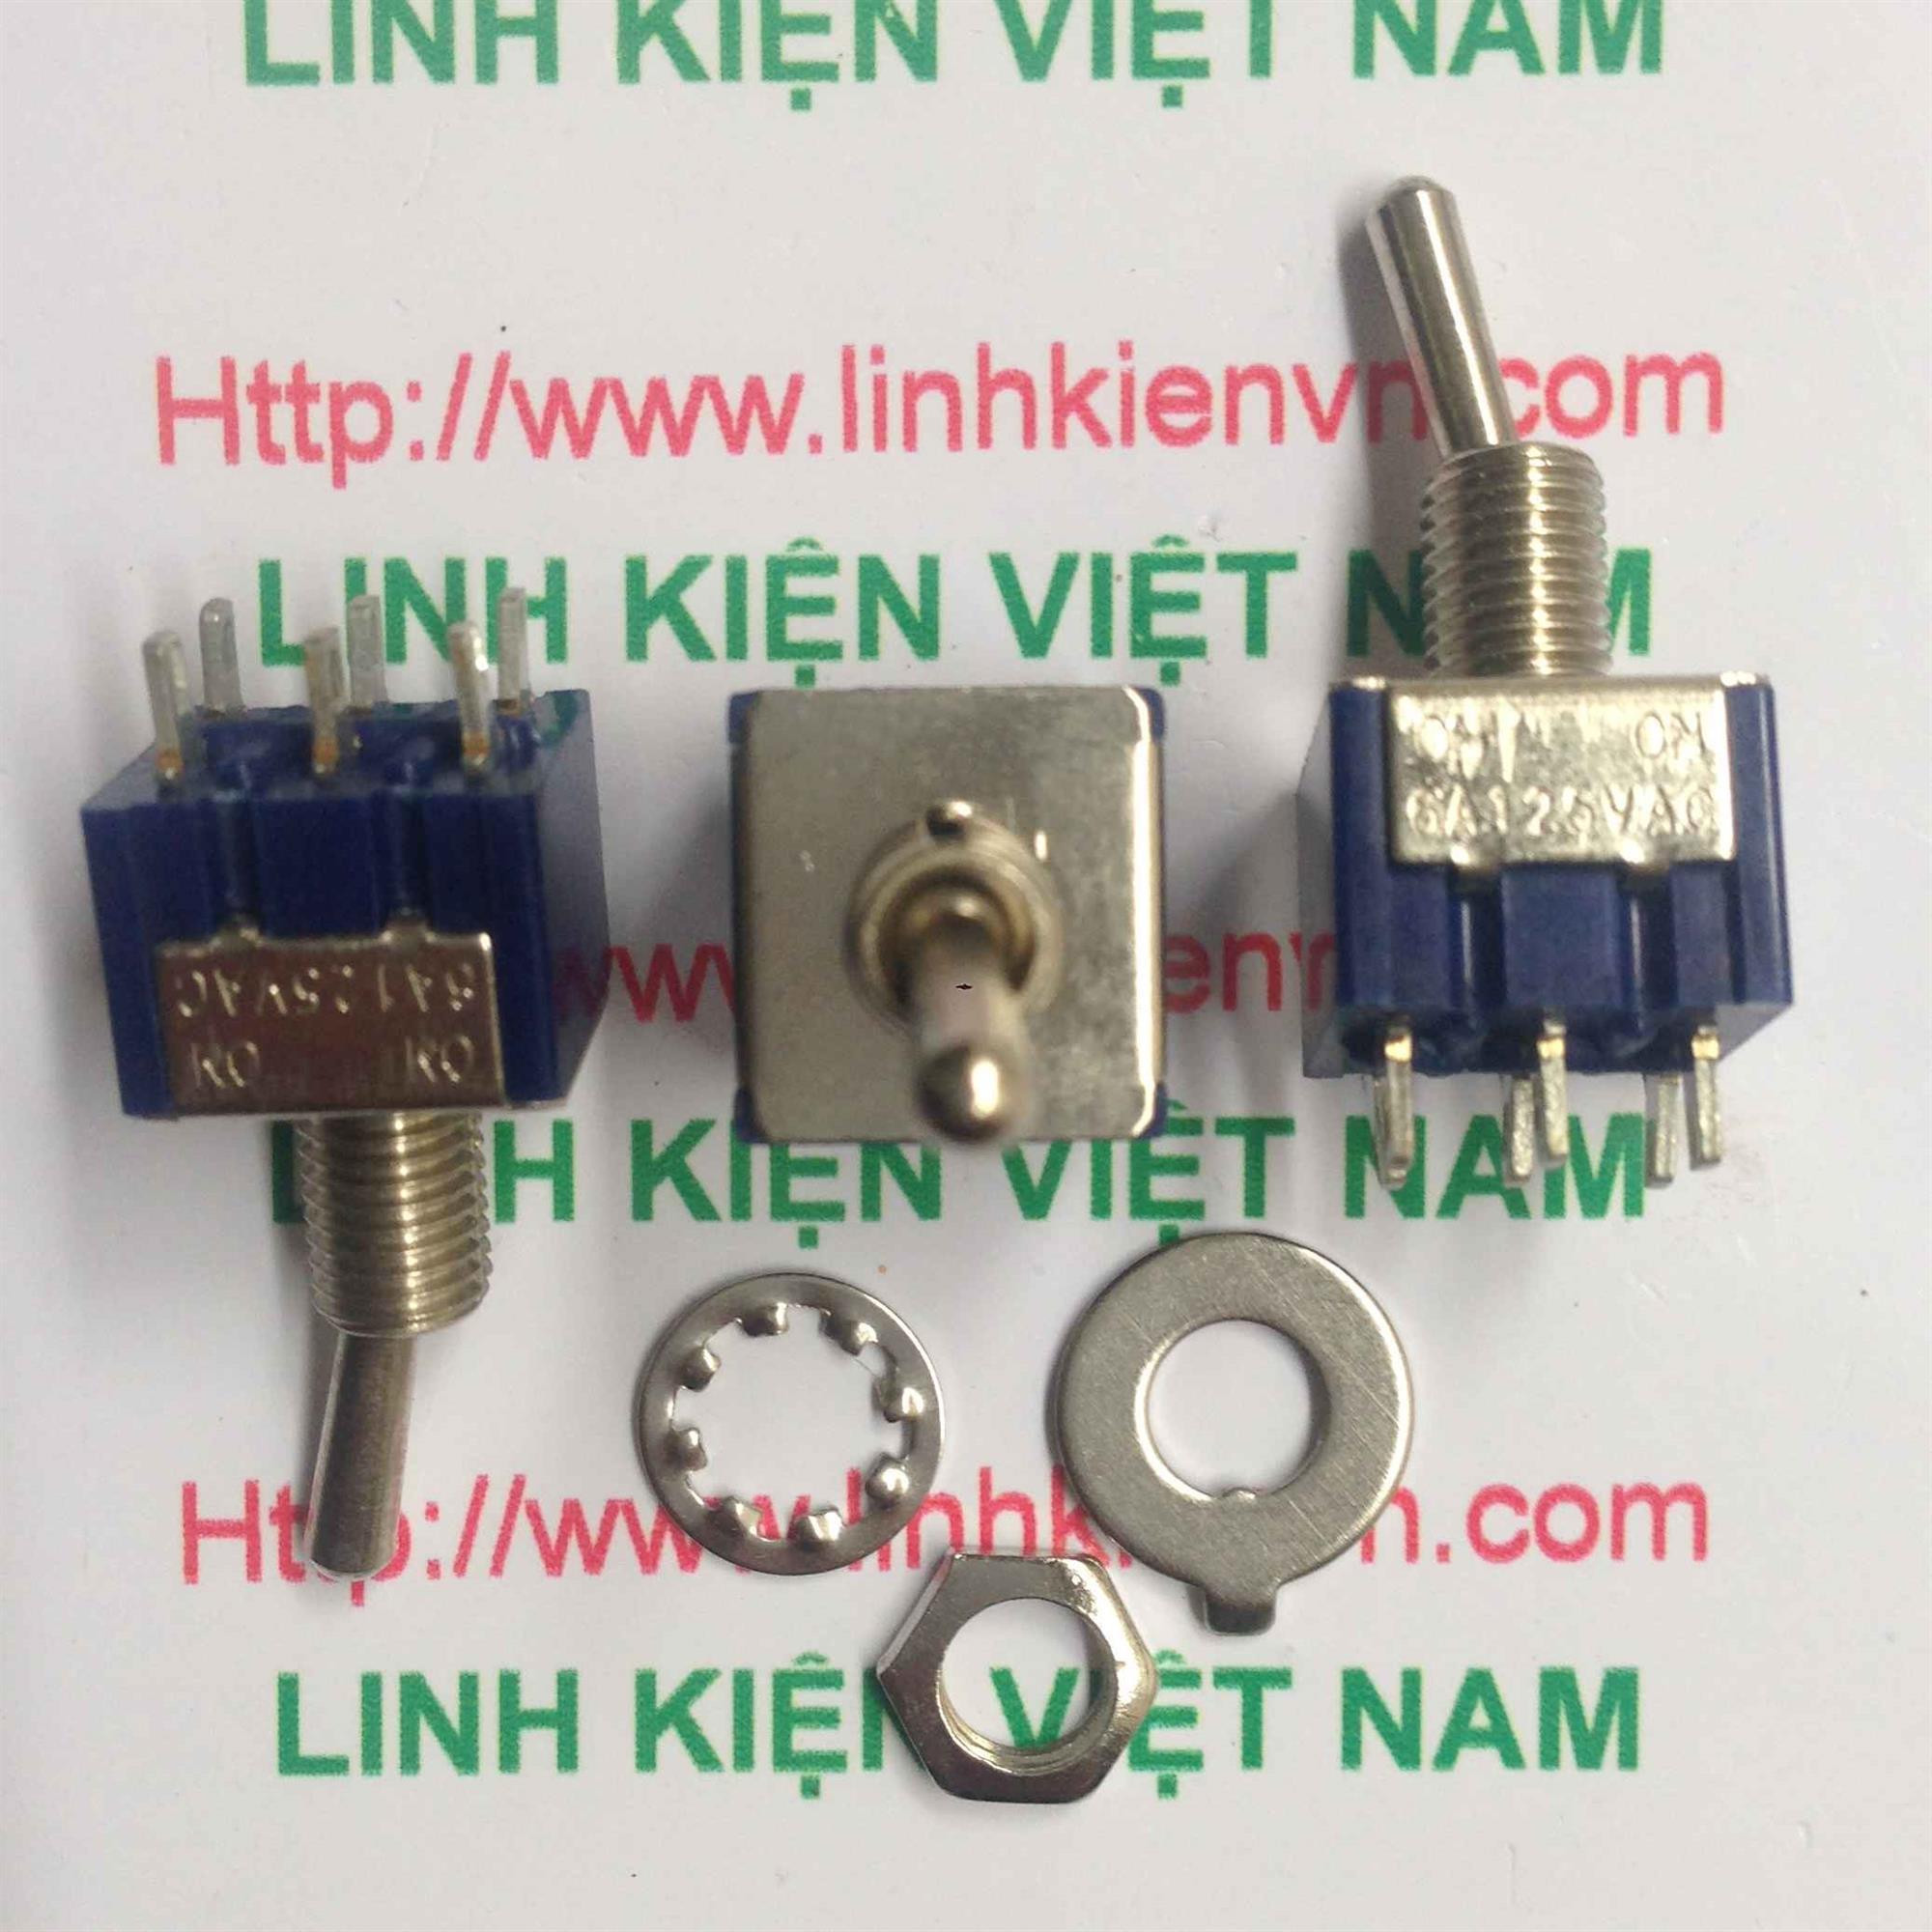 Công tắc gạt MTS-202 6A 125V 5mm 6 chân - D3H6